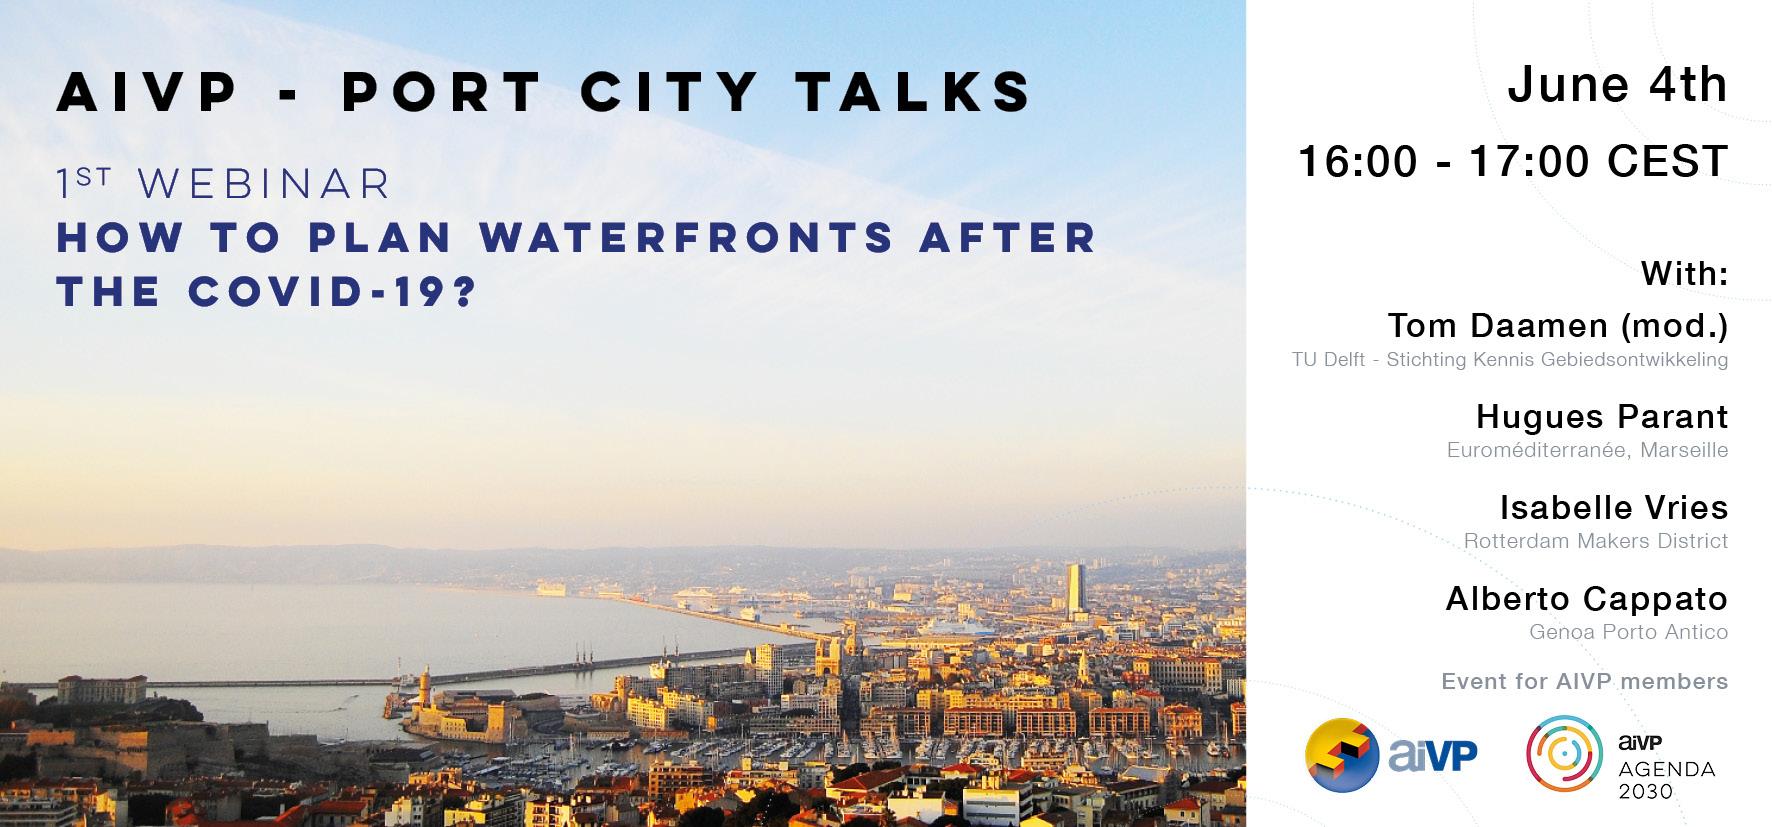 AIVP Port City Talks : Waterfronts, Croisières et Ports Centers